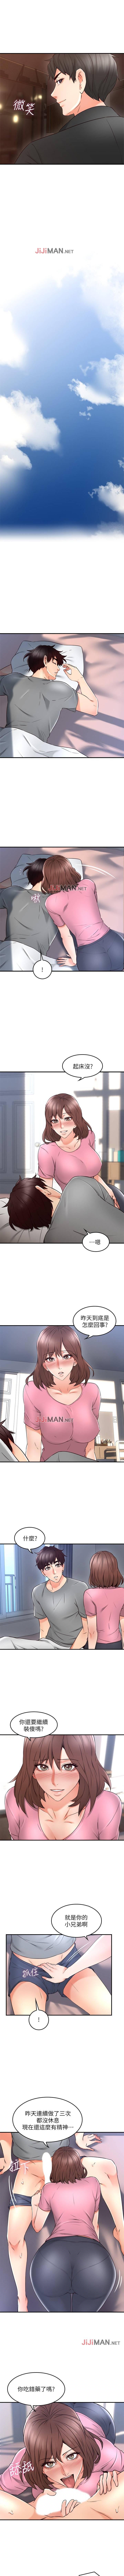 【周六更新】邻居人妻(作者:李周元 & 頸枕) 第1~50话 125